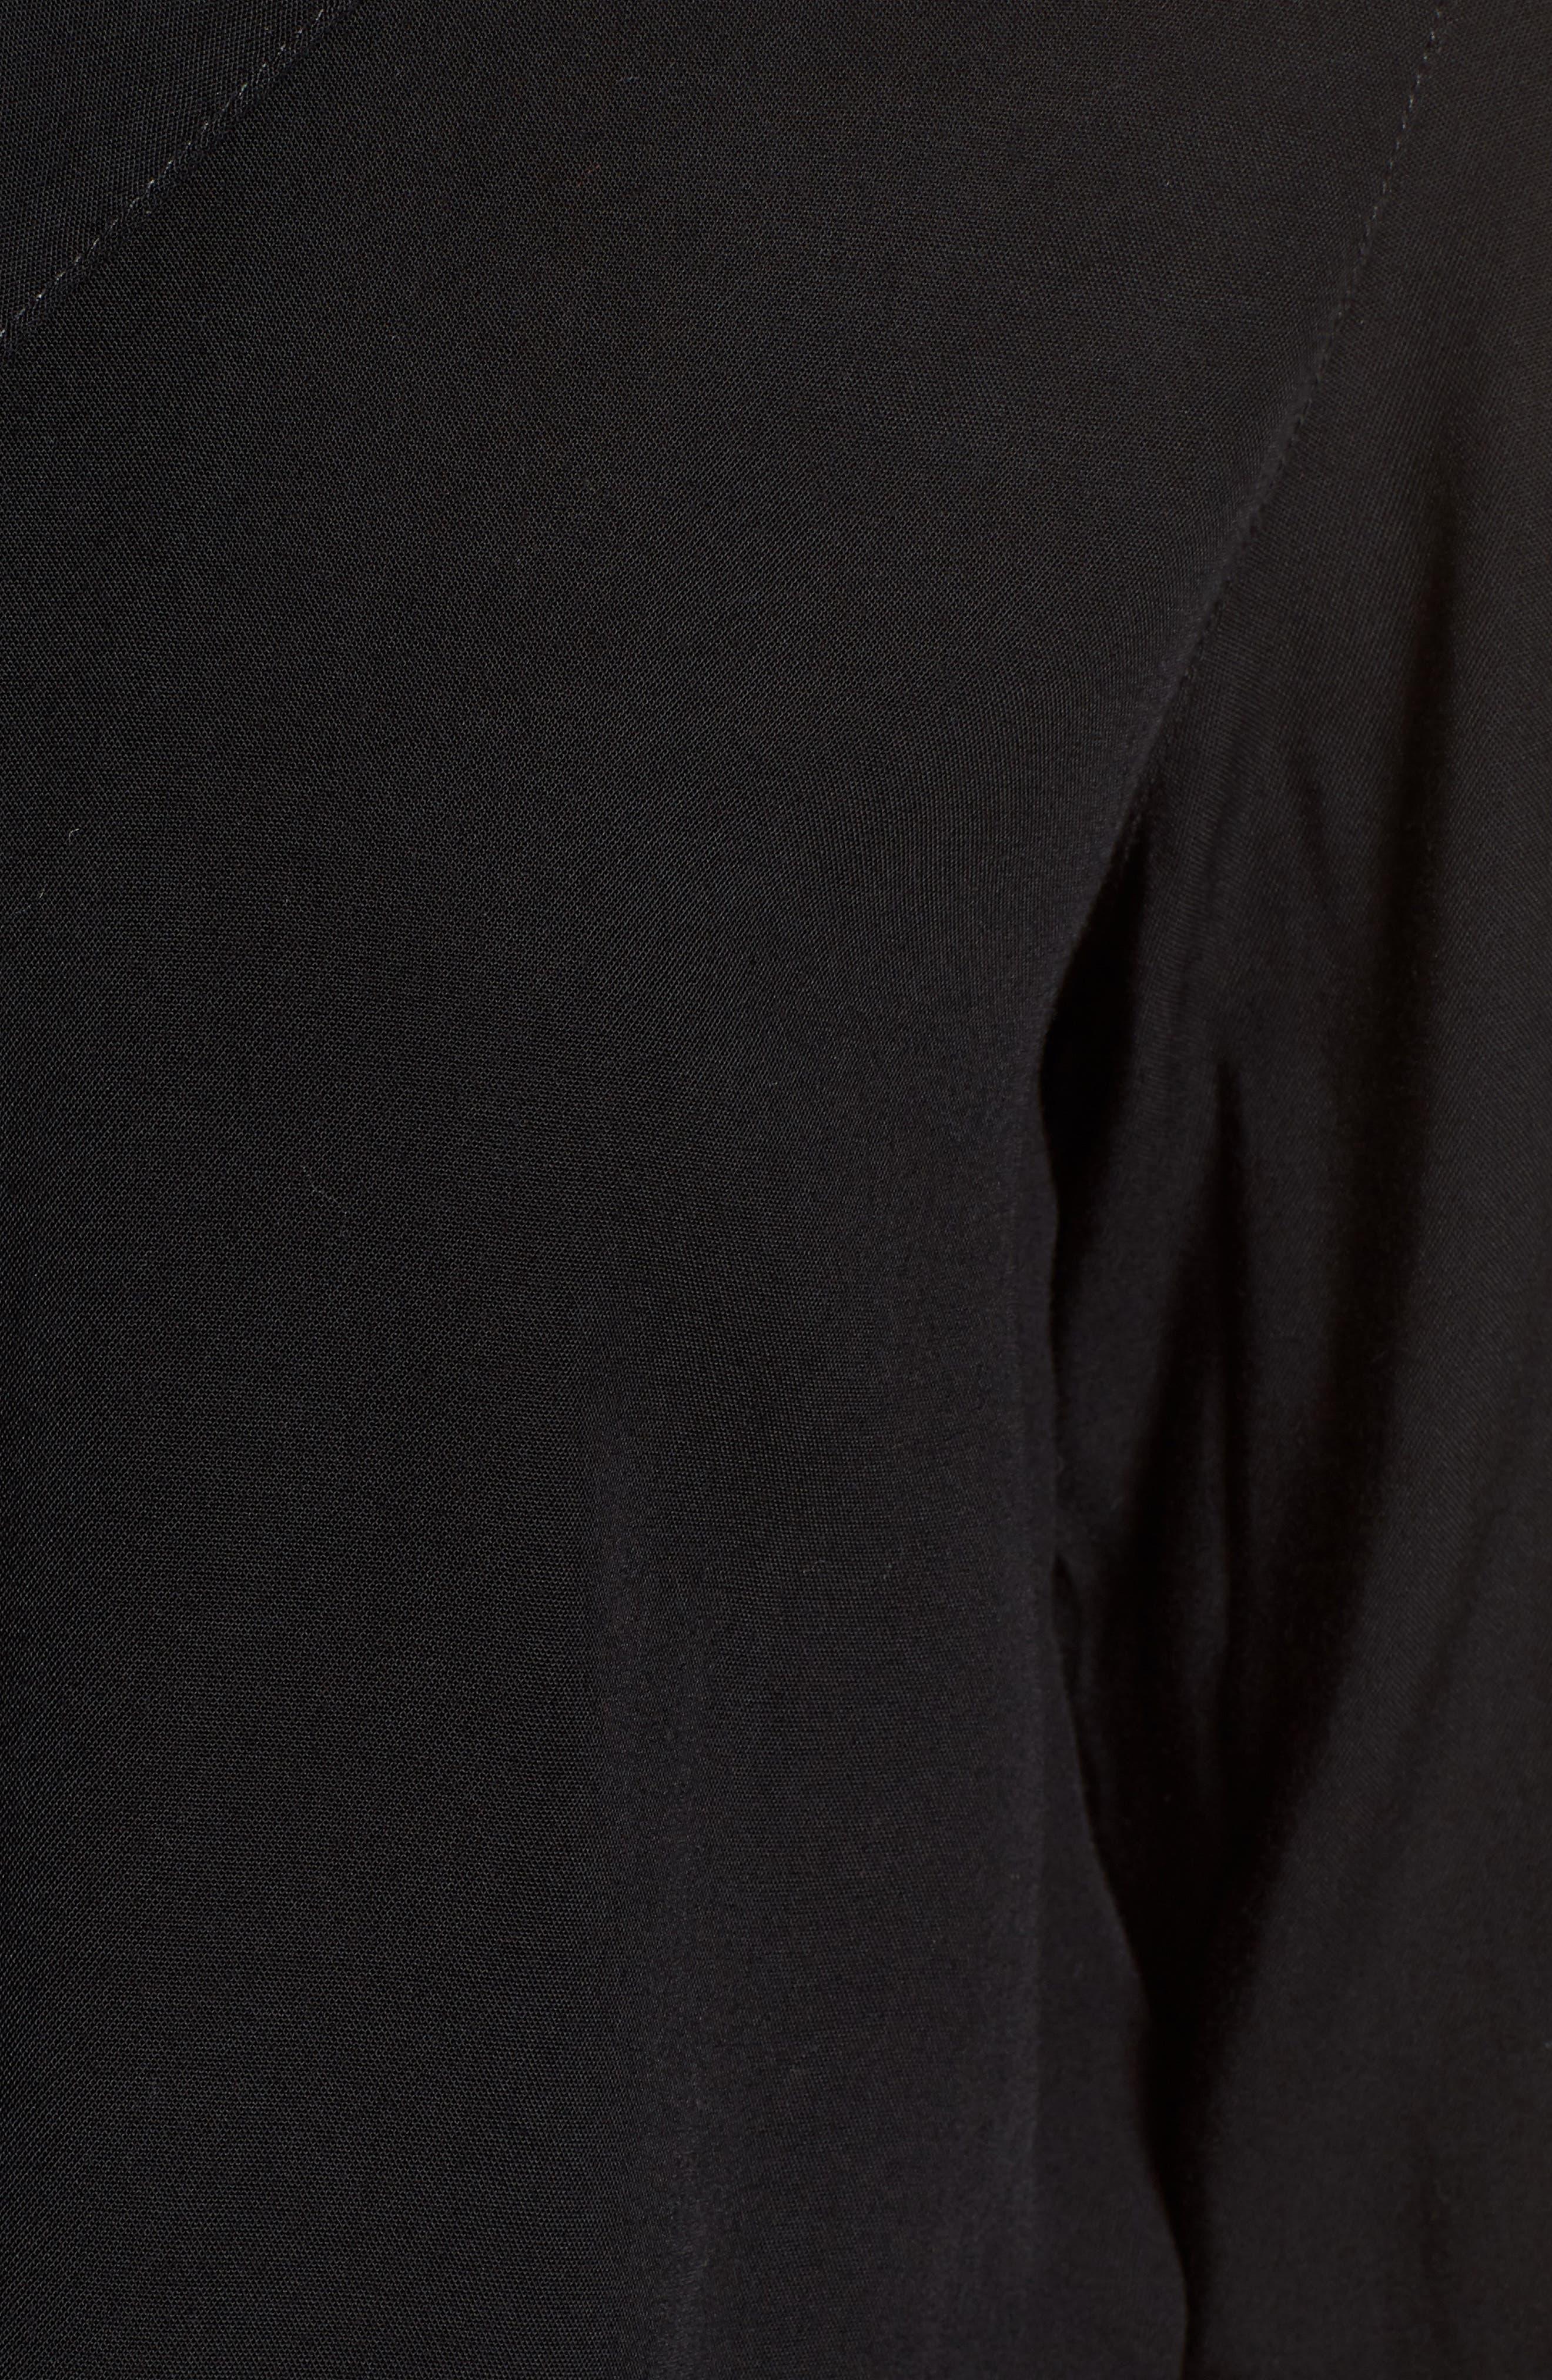 Tie Front Shirt,                             Alternate thumbnail 6, color,                             Black